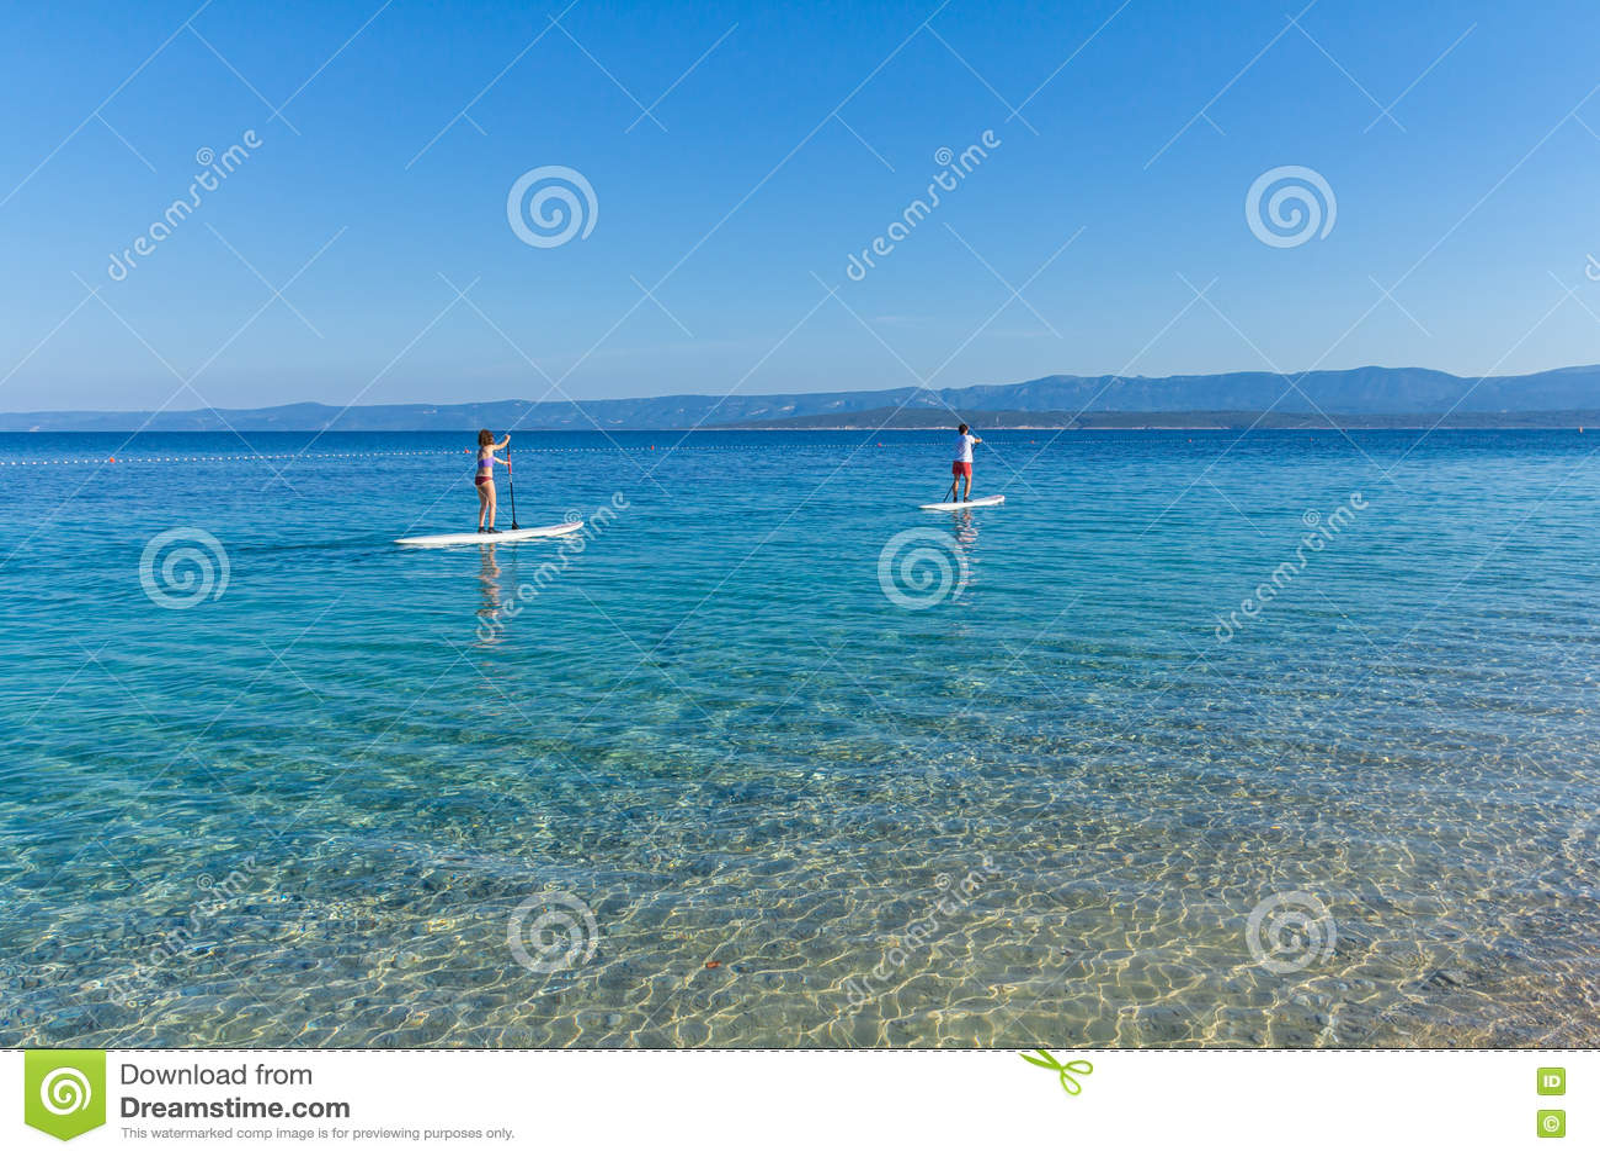 Standup paddle interny przy Zlatni szczura plażą, Chorwacja